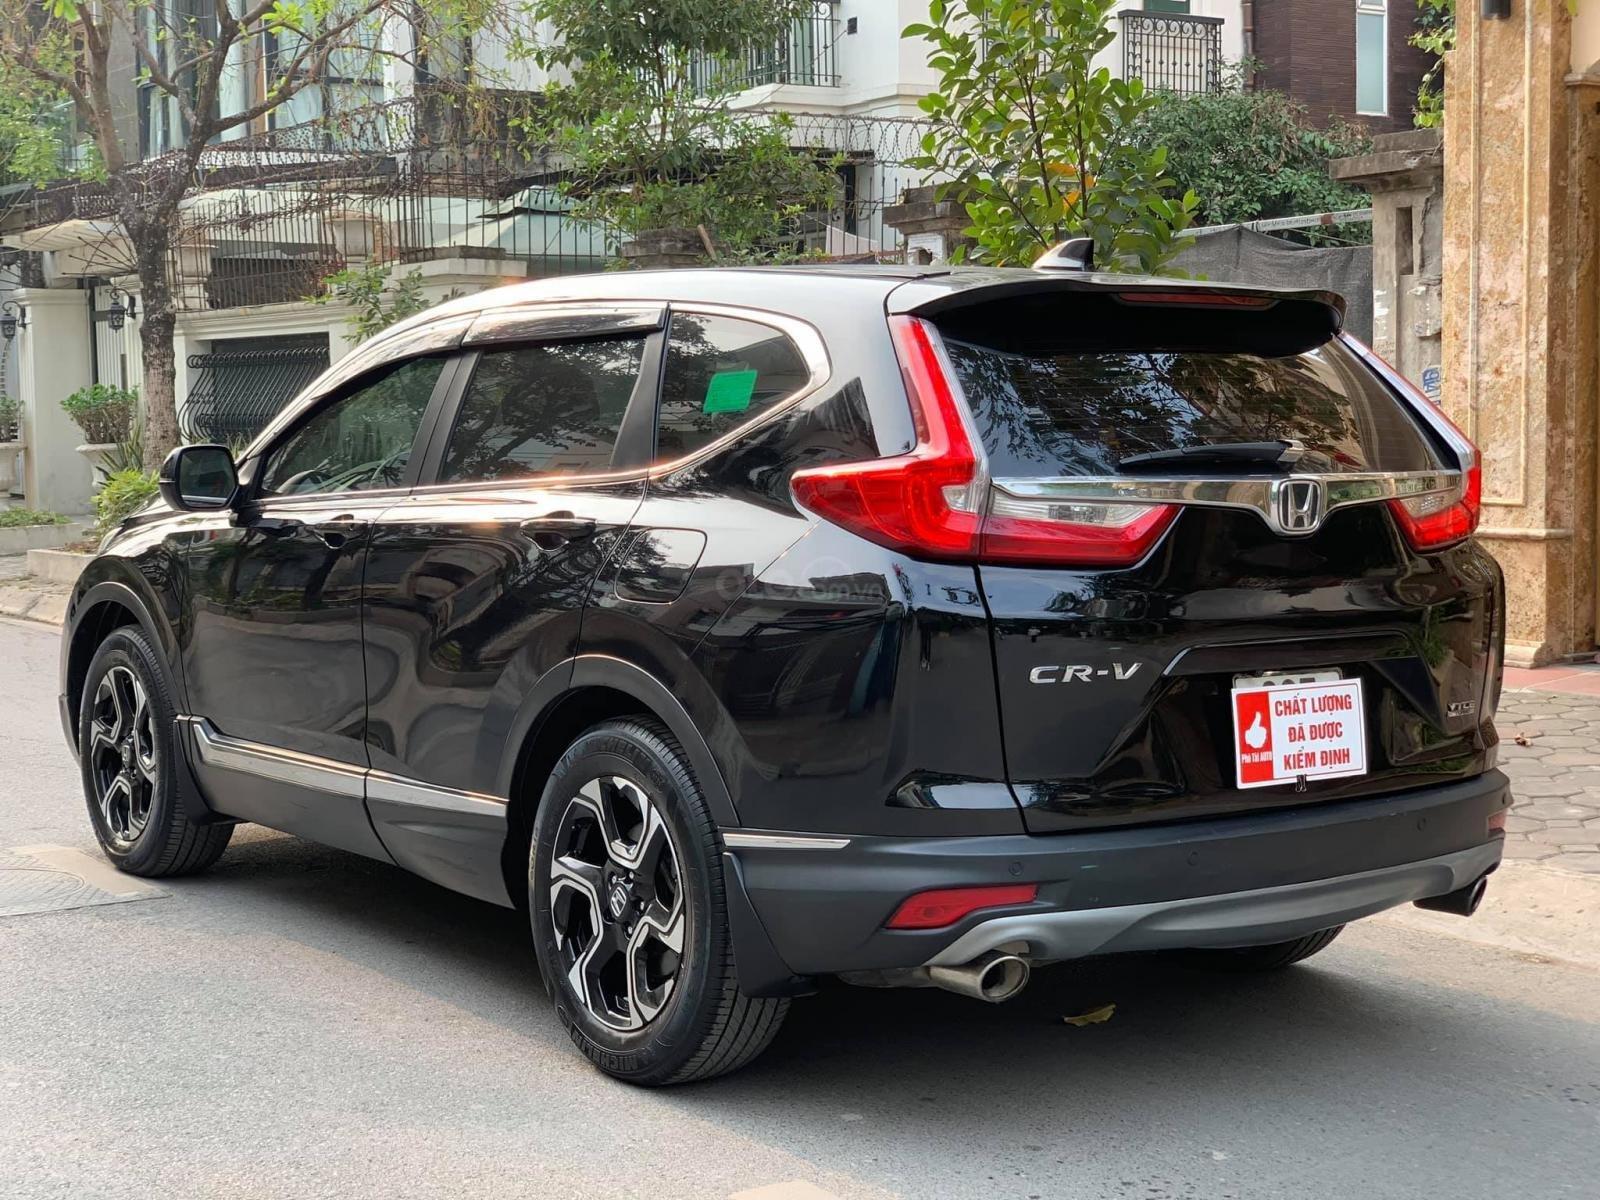 Bán xe Honda CR-V G 1.5AT đời 2018, màu đen, nhập khẩu nguyên chiếc, giá tốt (4)